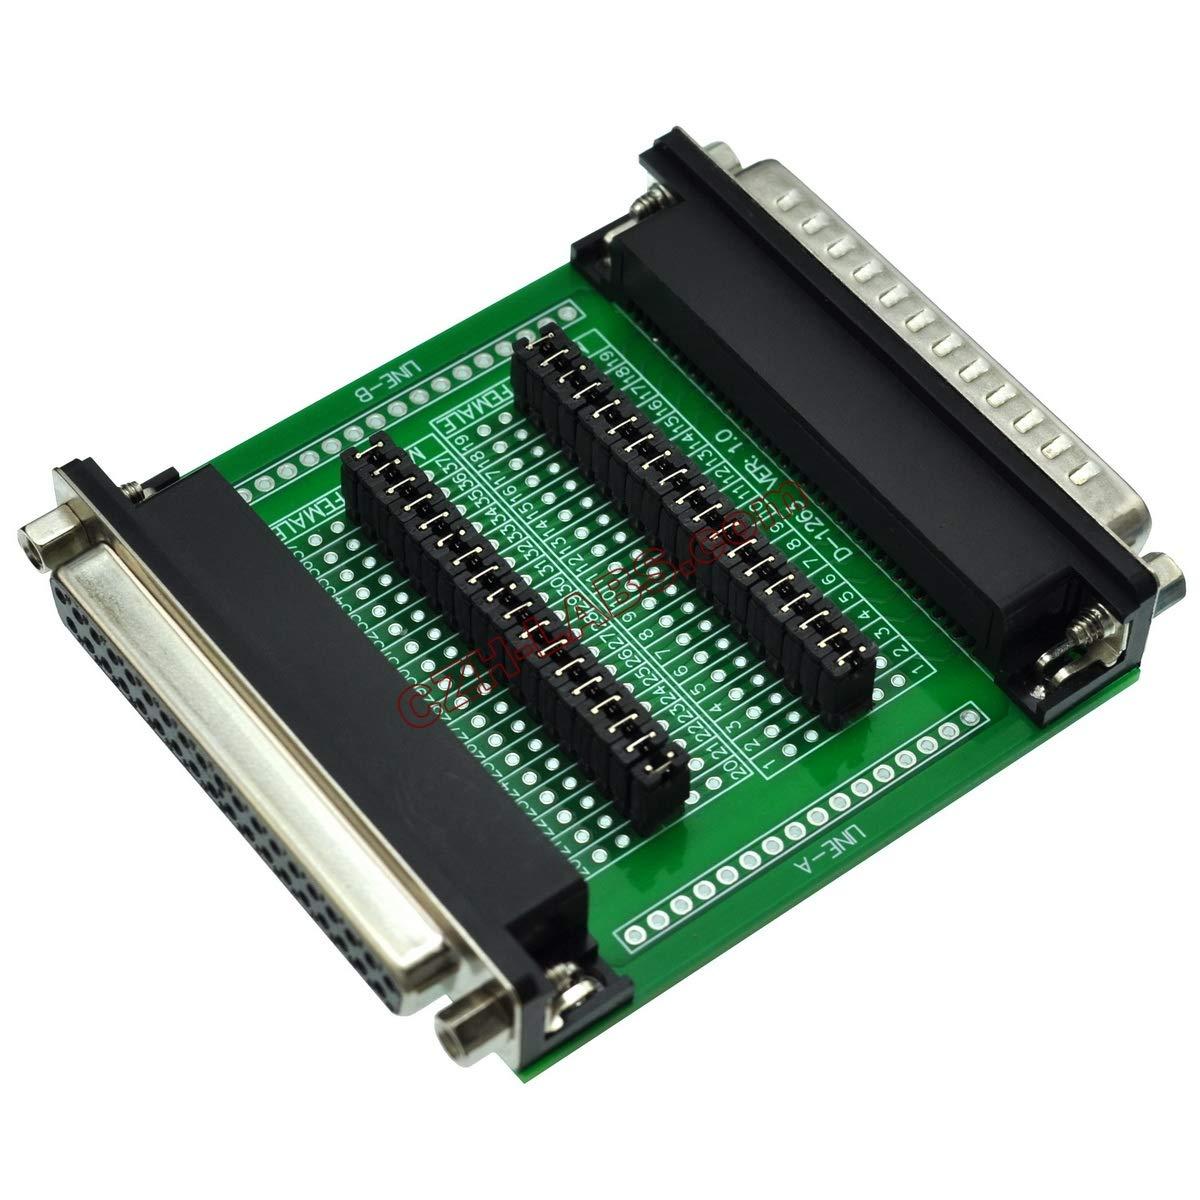 DSUB DB37 Stecker auf Buchse. CZH-LABS D-Sub DB37 Diagnose-Test Breakout Board